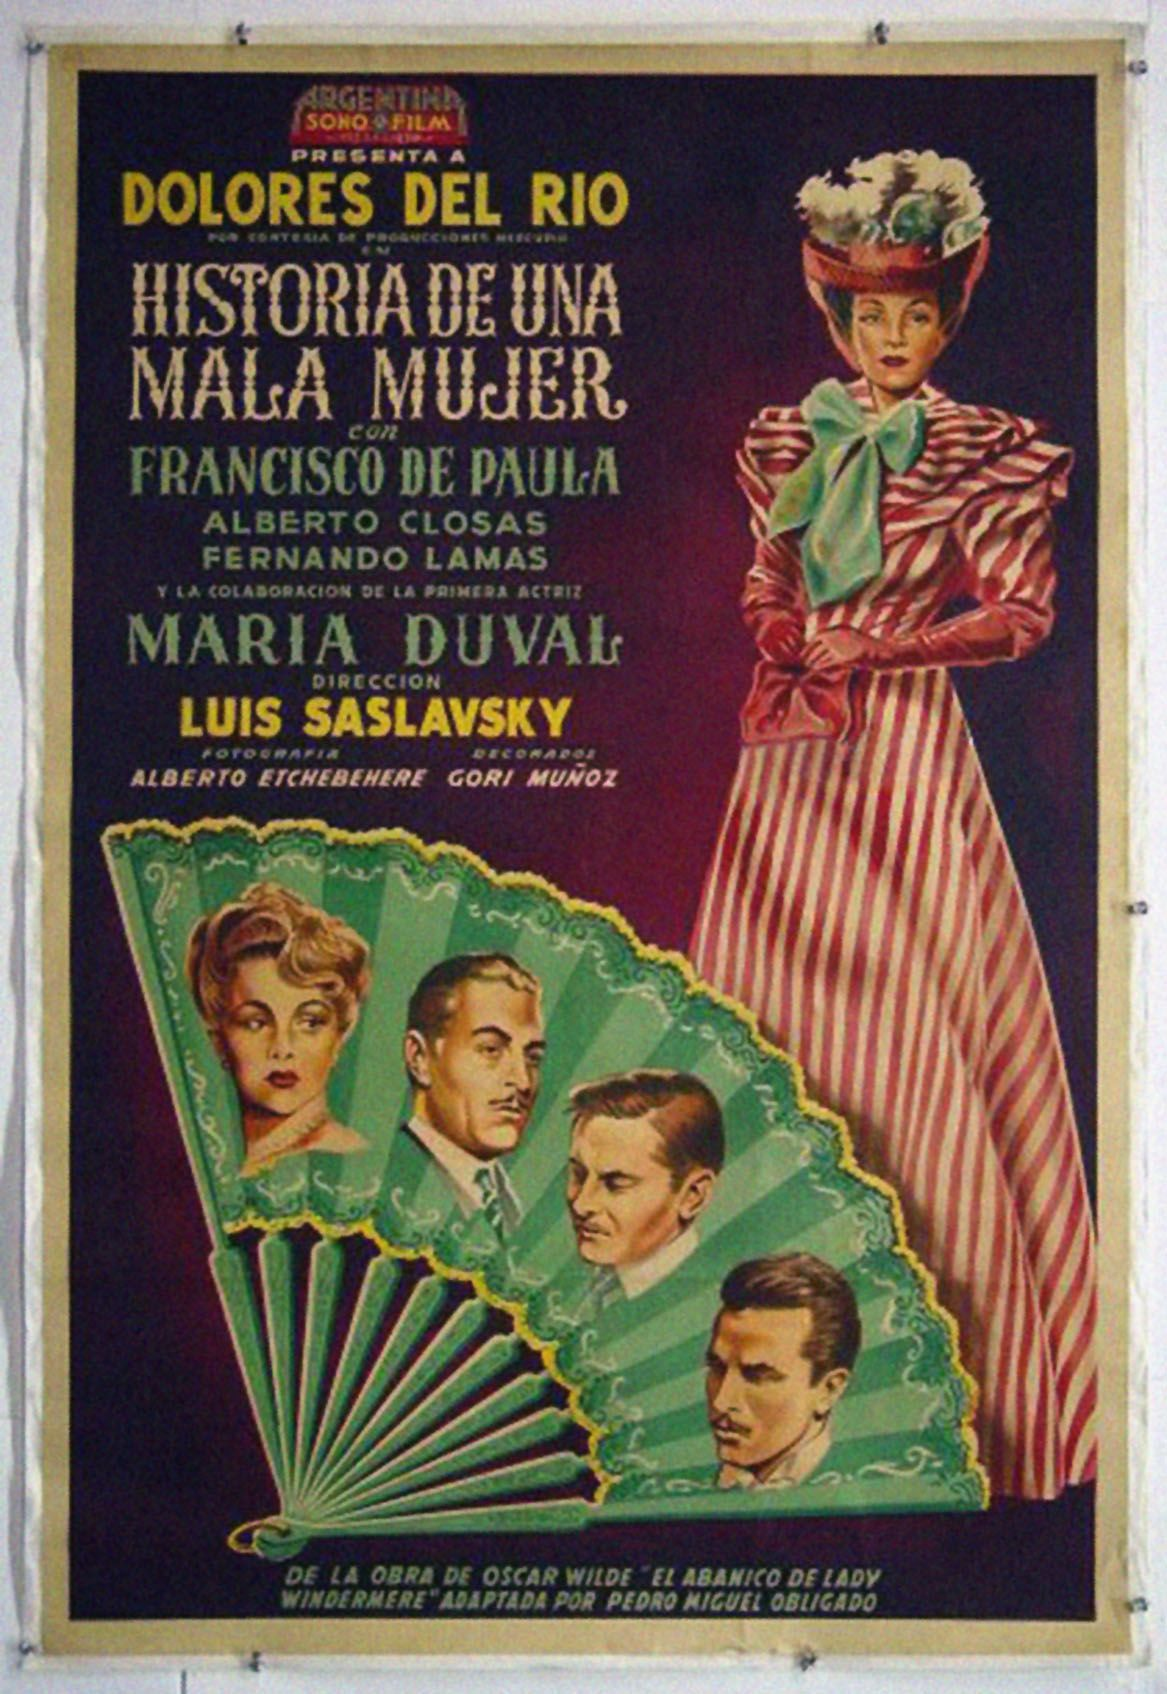 Pelicula Porn Mexicana Clasica 1948 - historia de una mala mujer - luis saslavsky | dolores